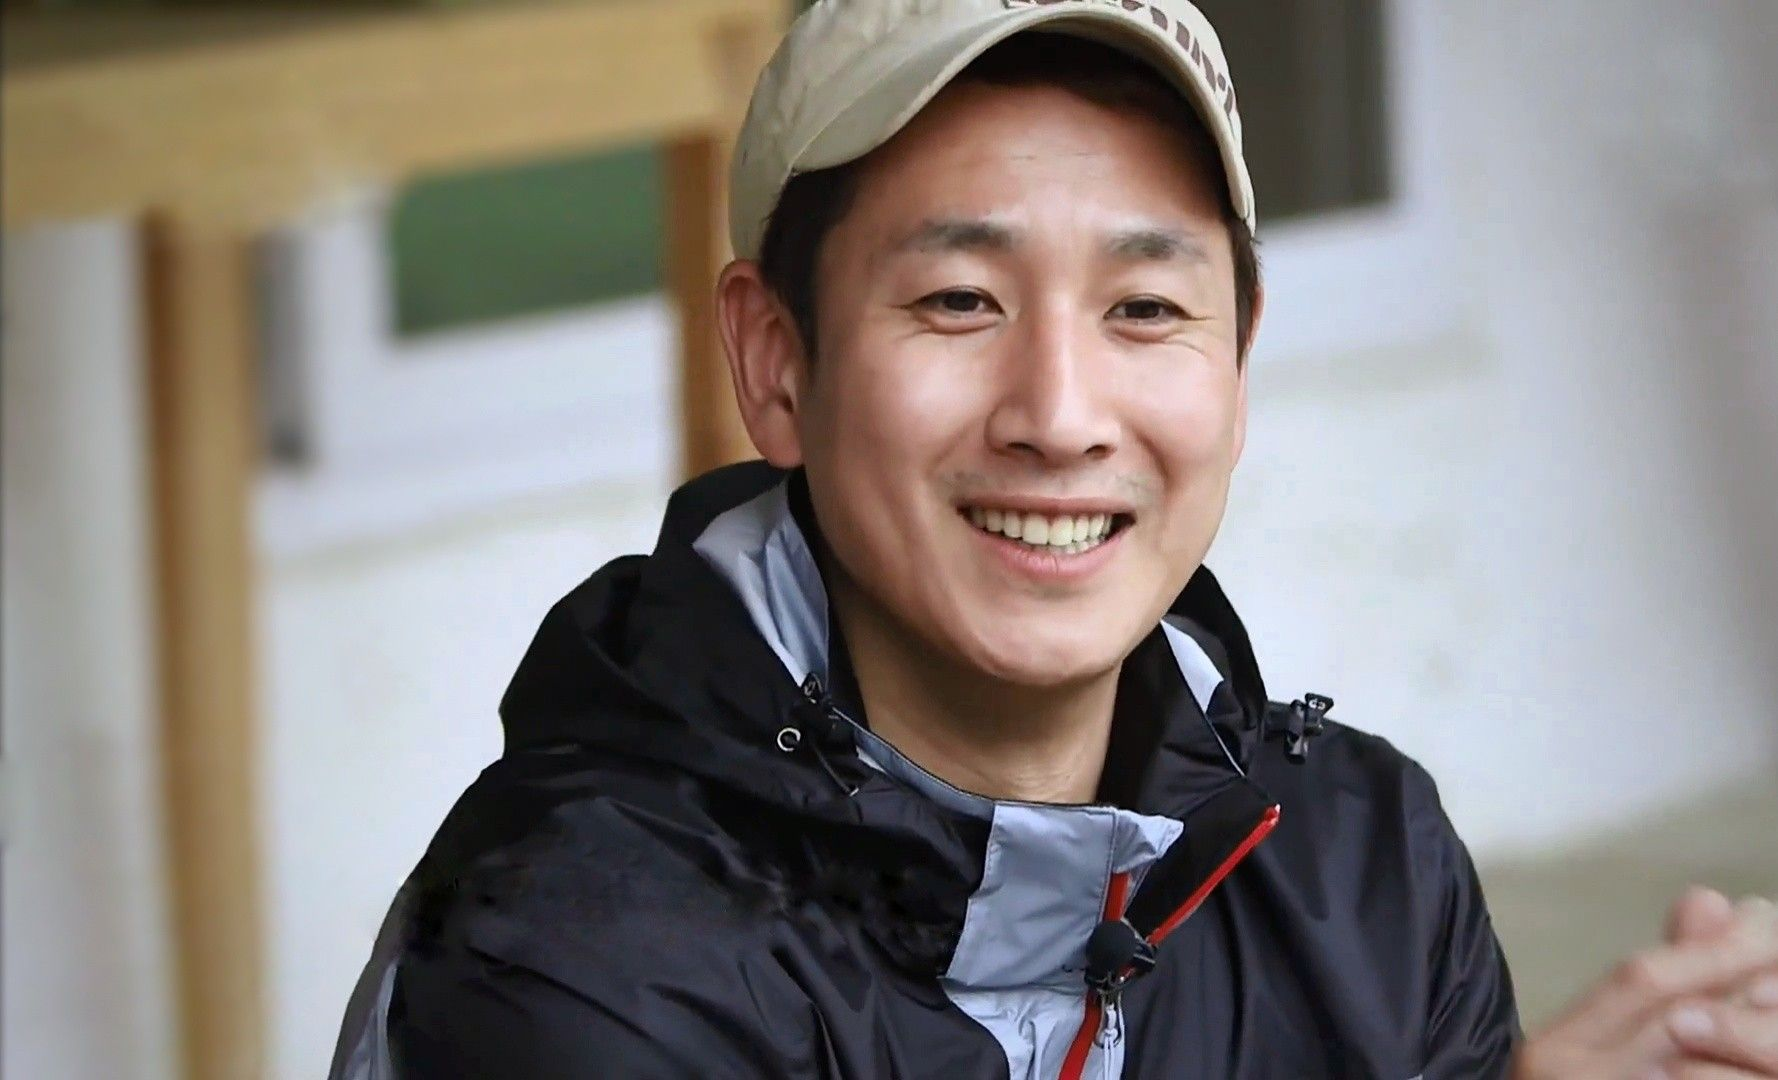 Pin oleh MahakAlaie di 이선균 李善均 Lee Sun kyun